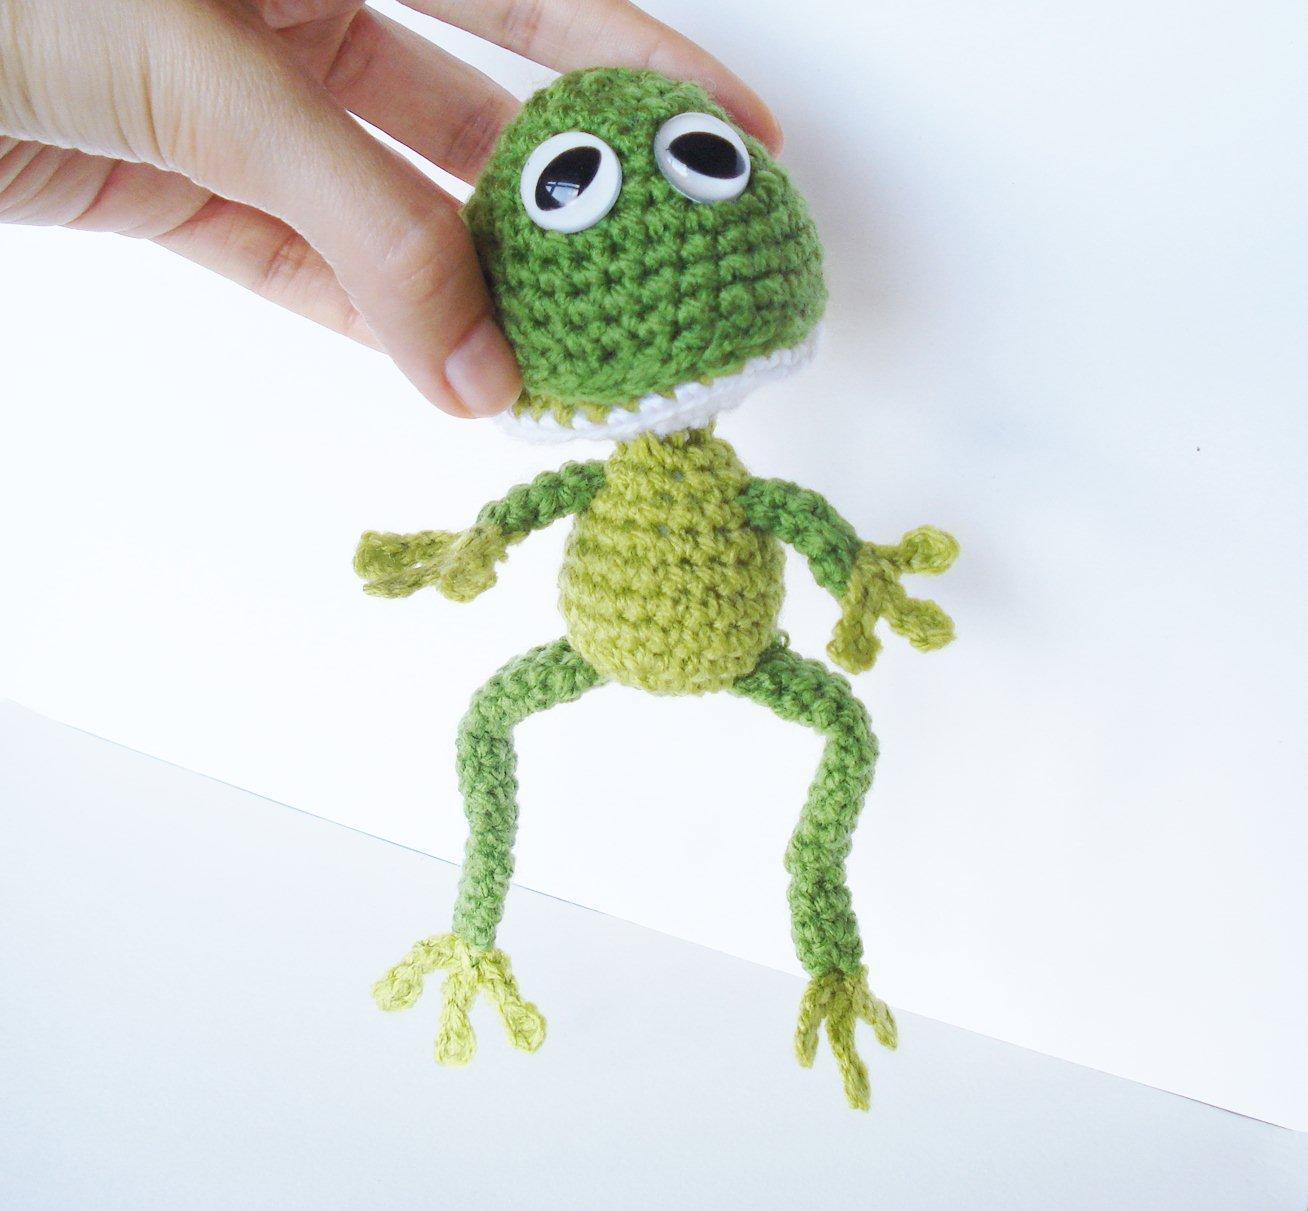 Amigurumi Crochet Frog : AllSoCute Amigurumis: Amigurumi Frog Pattern, Crochet Frog ...